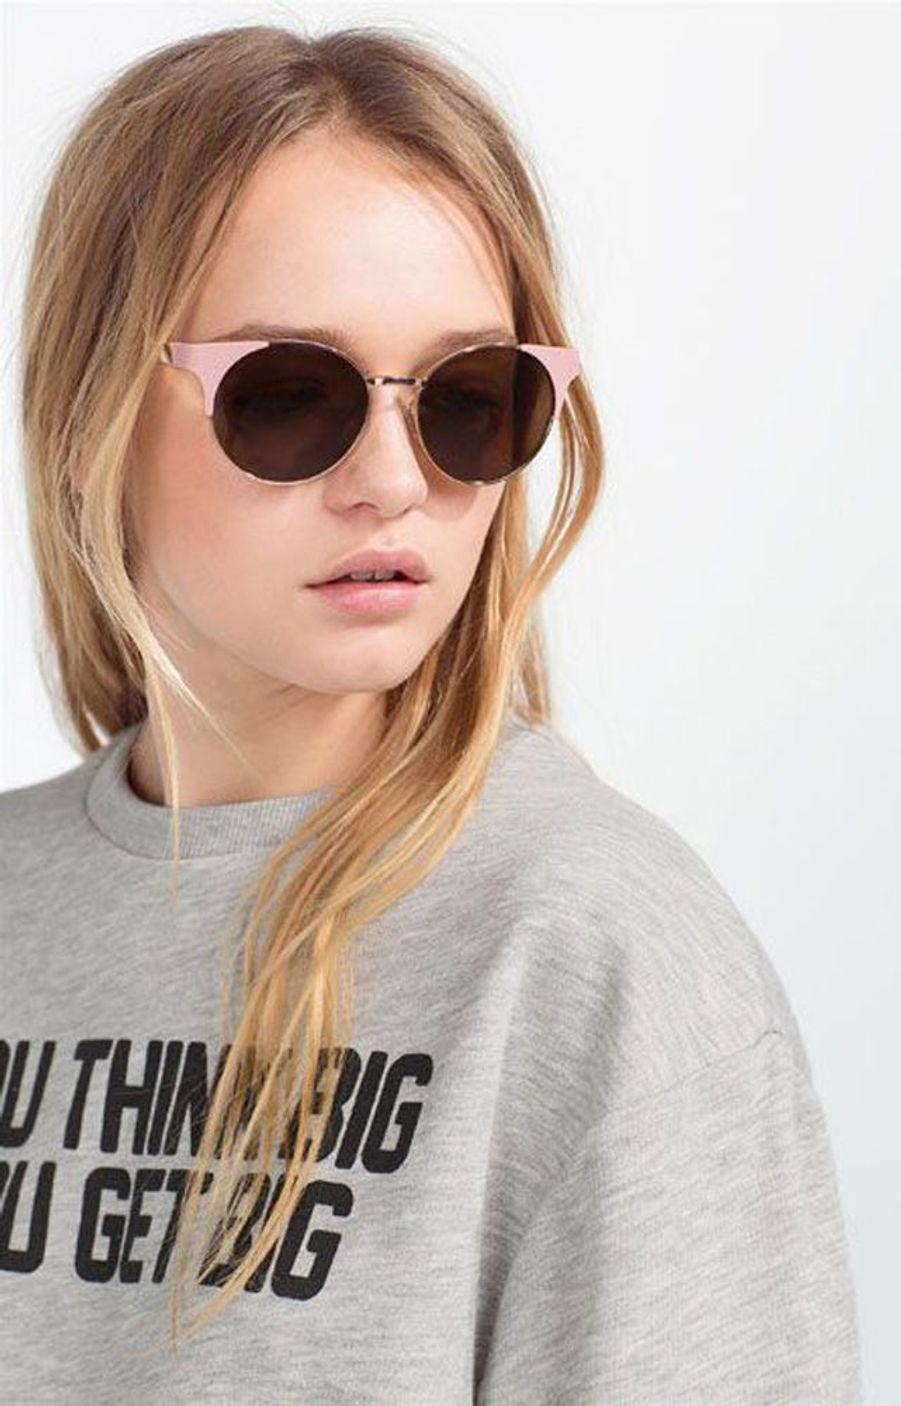 Très jolie paire de lunettes de soleil rose quartz, couleur phare de l'année 2016. (voir l'épingle)Suivez nous sur Pinterest!